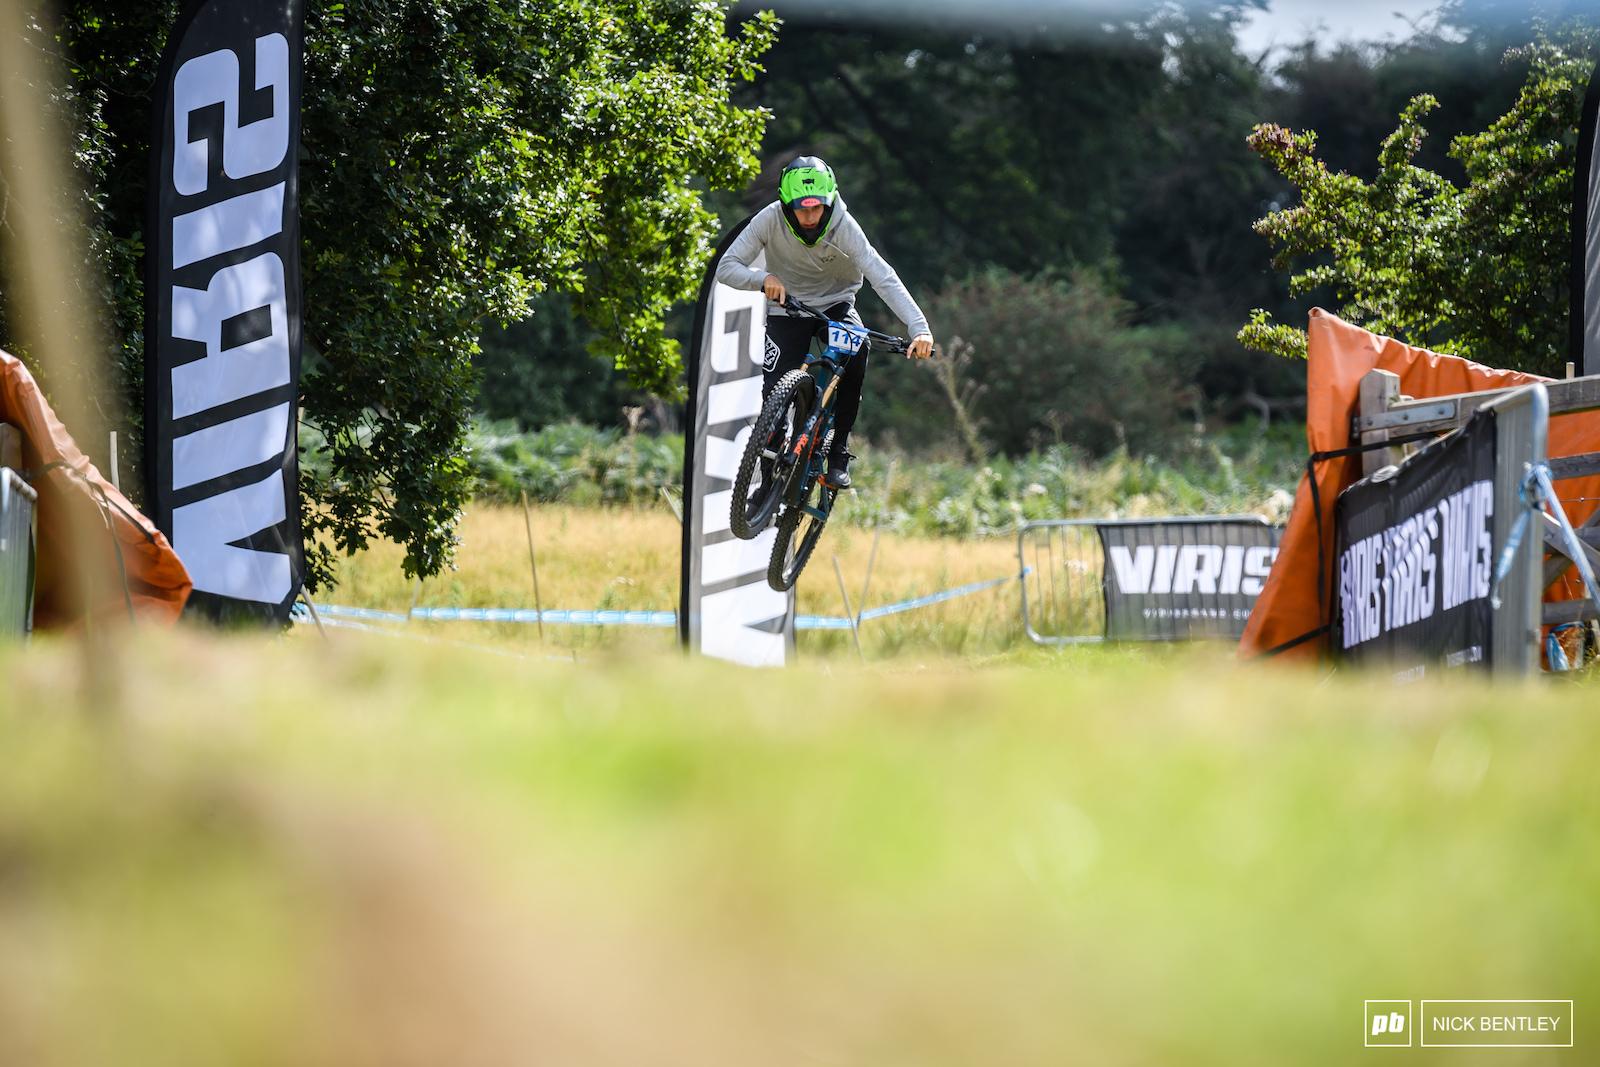 Daniel Gibbons enjoying some air time